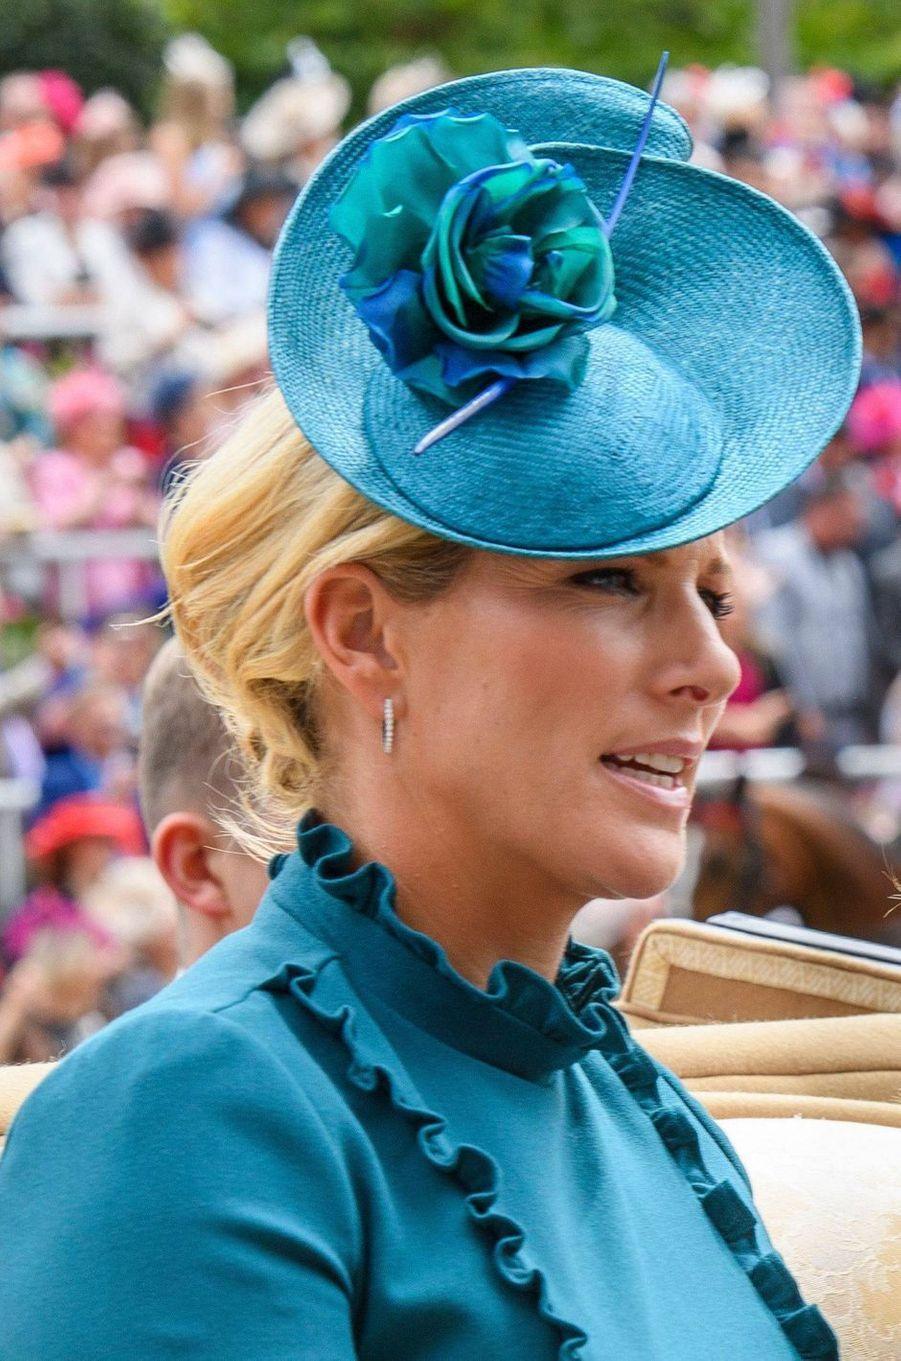 Le chapeau de Zara Phillips au Royal Ascot, le 20 juin 2019